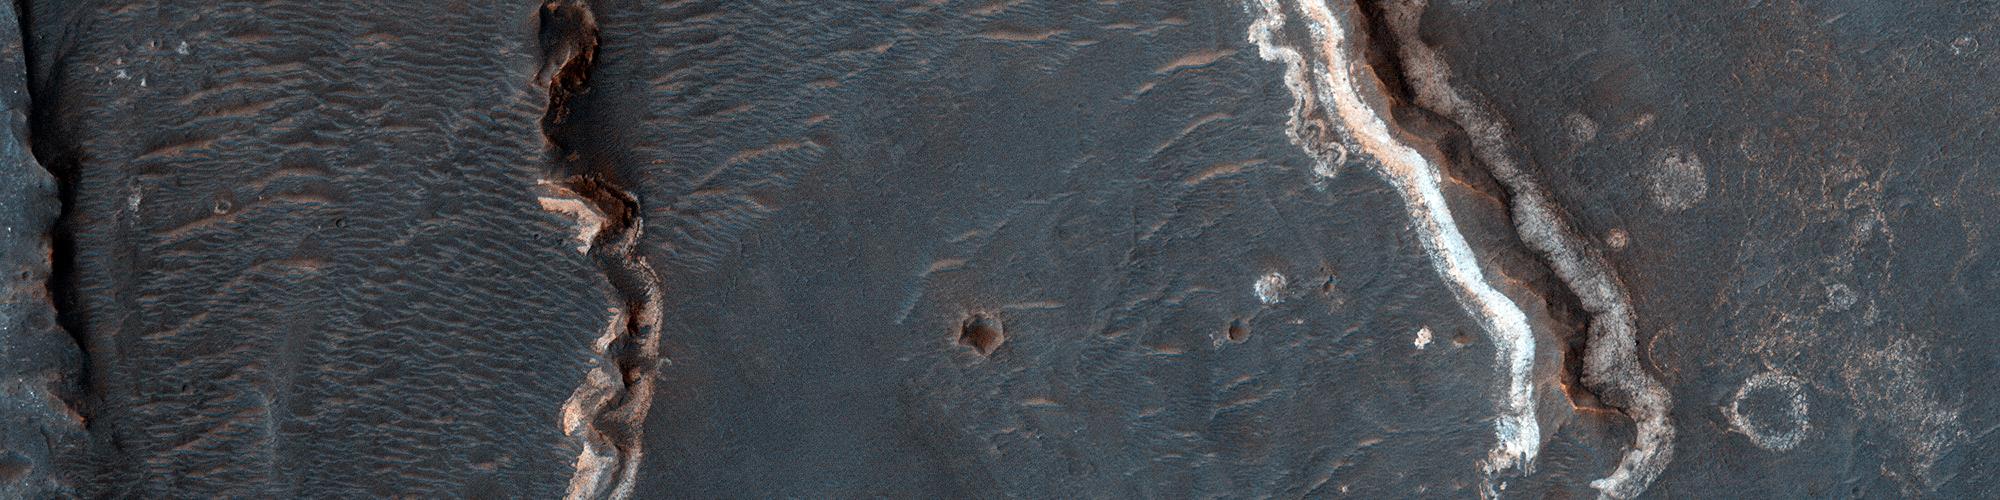 Possibili formazioni fluviali nel cratere Golden